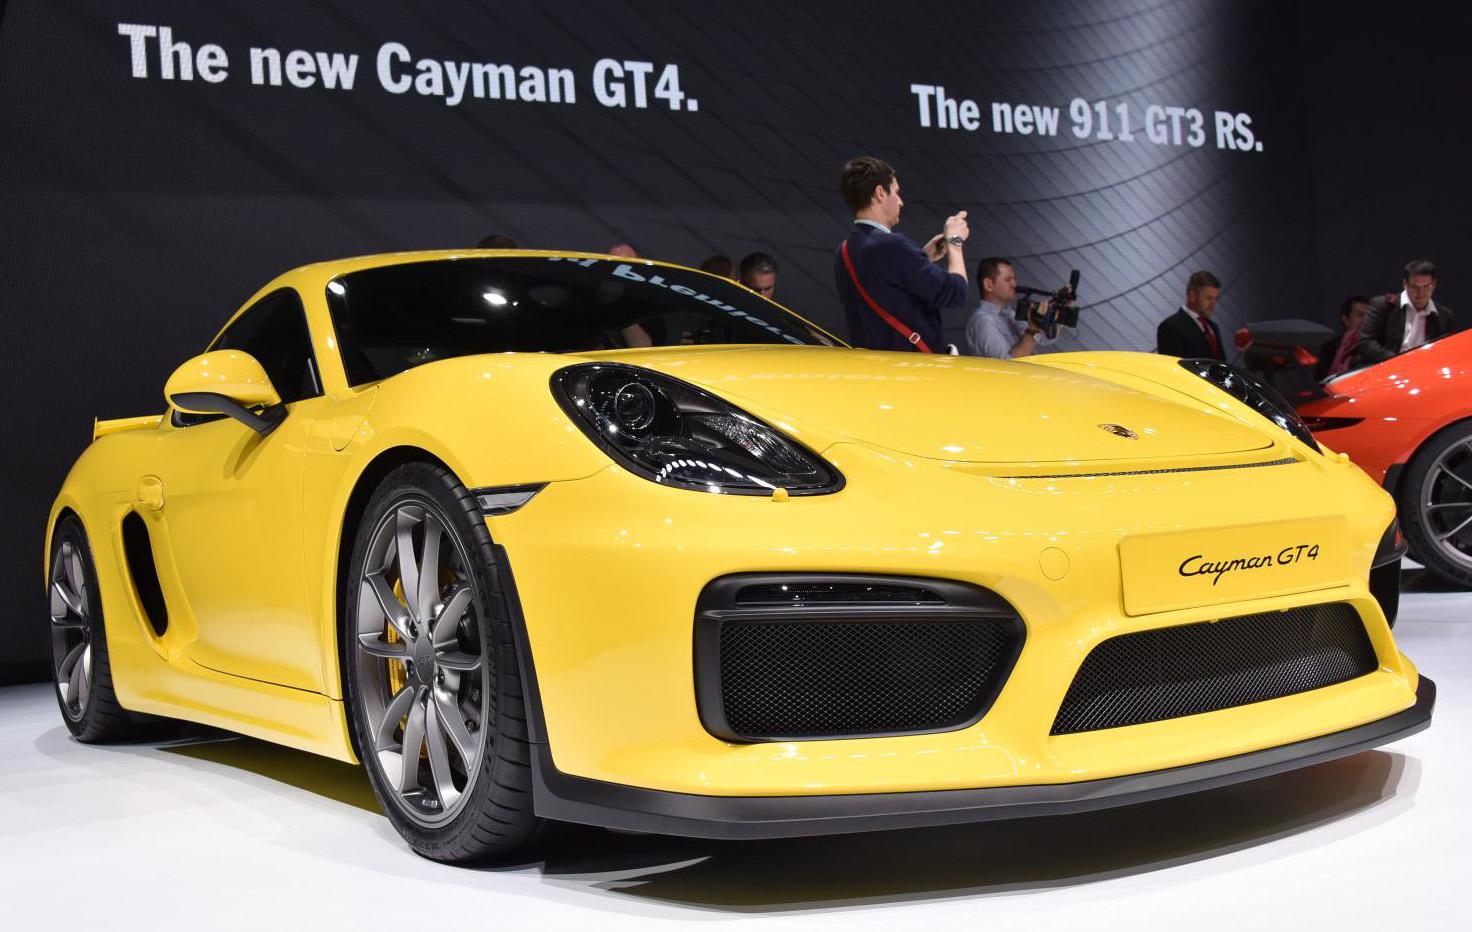 Porsche Cayman Gt4 2018 >> Porsche Cayman GT4 unveiled – 385 hp, manual only! Image 316249